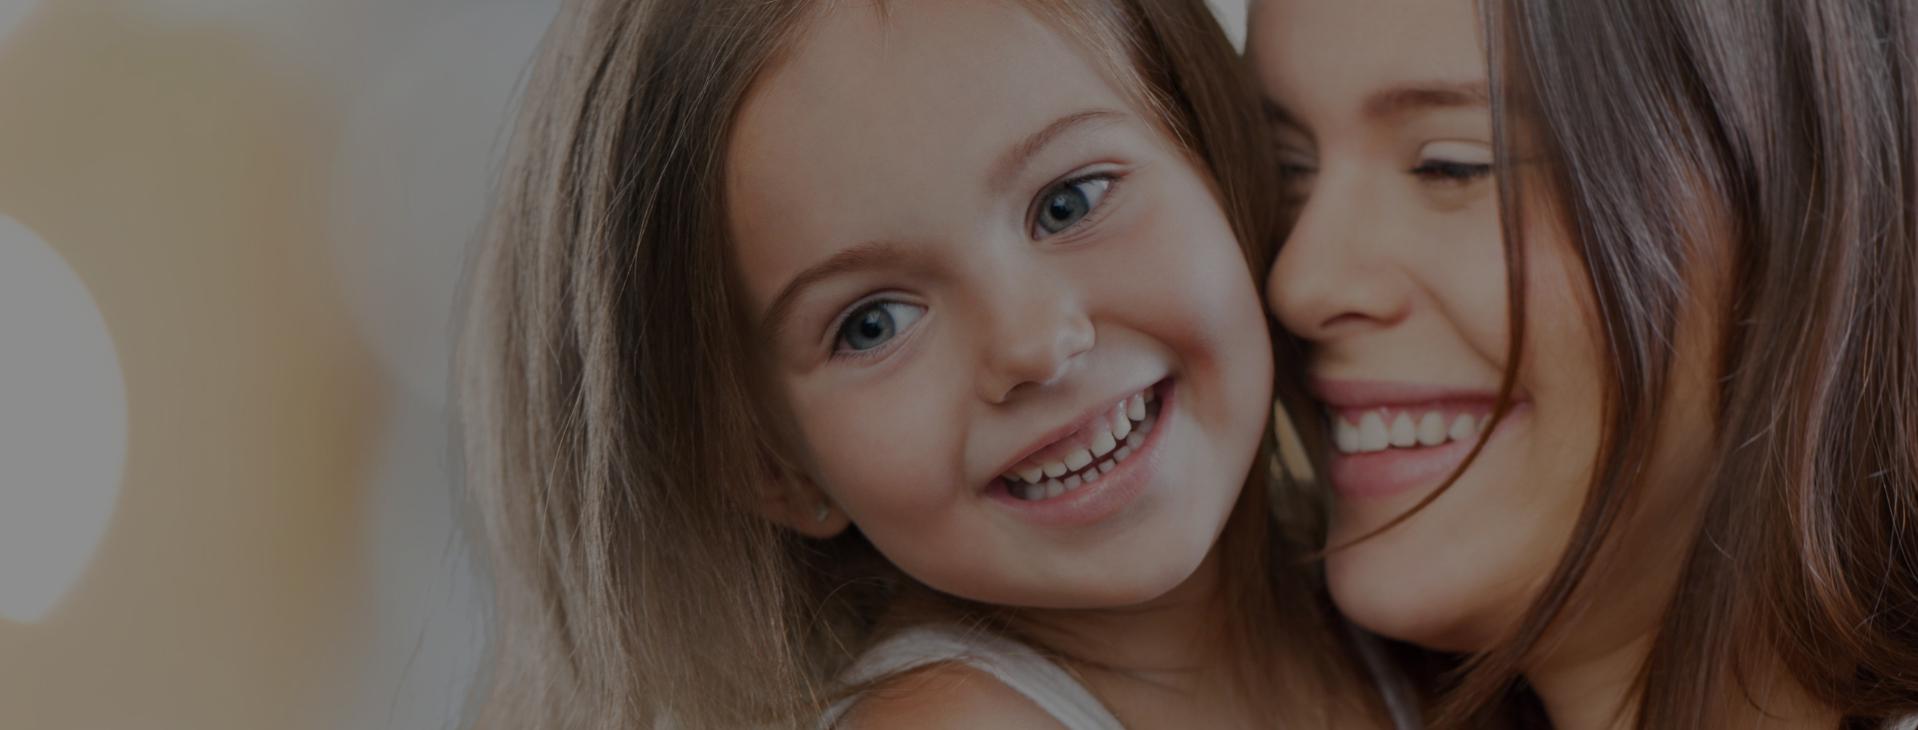 Nous proposons des soins adaptés aux  enfants  et à leurs besoins spécifiques.